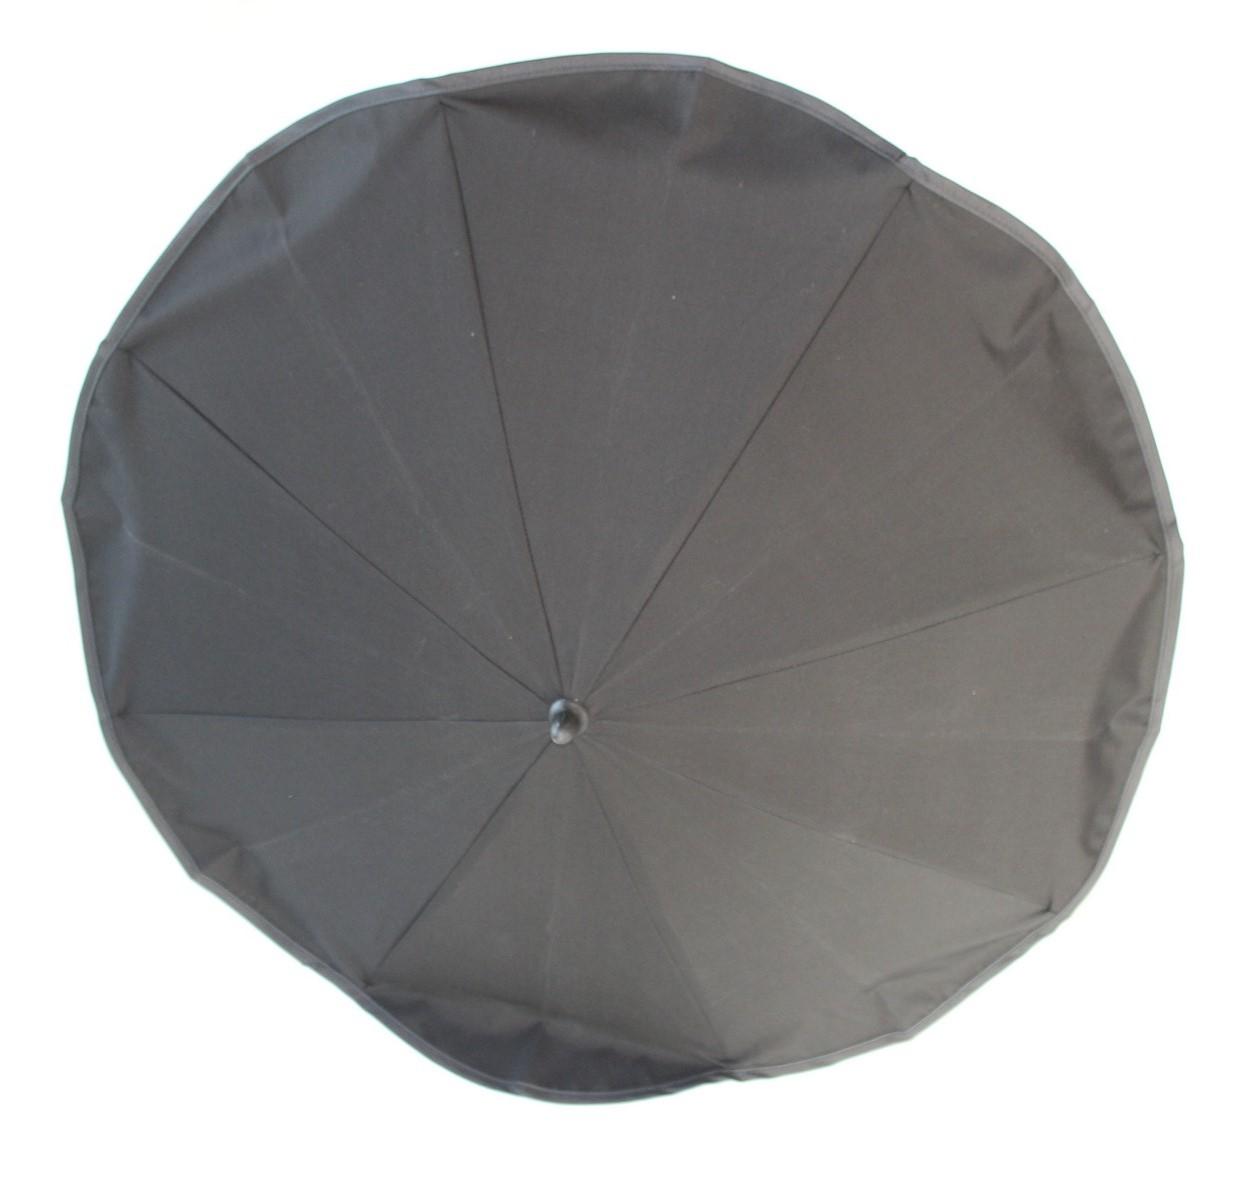 1x original hesba sonnenschirm schirm inkl halterung farbe schwarz 950 auch passend f r. Black Bedroom Furniture Sets. Home Design Ideas